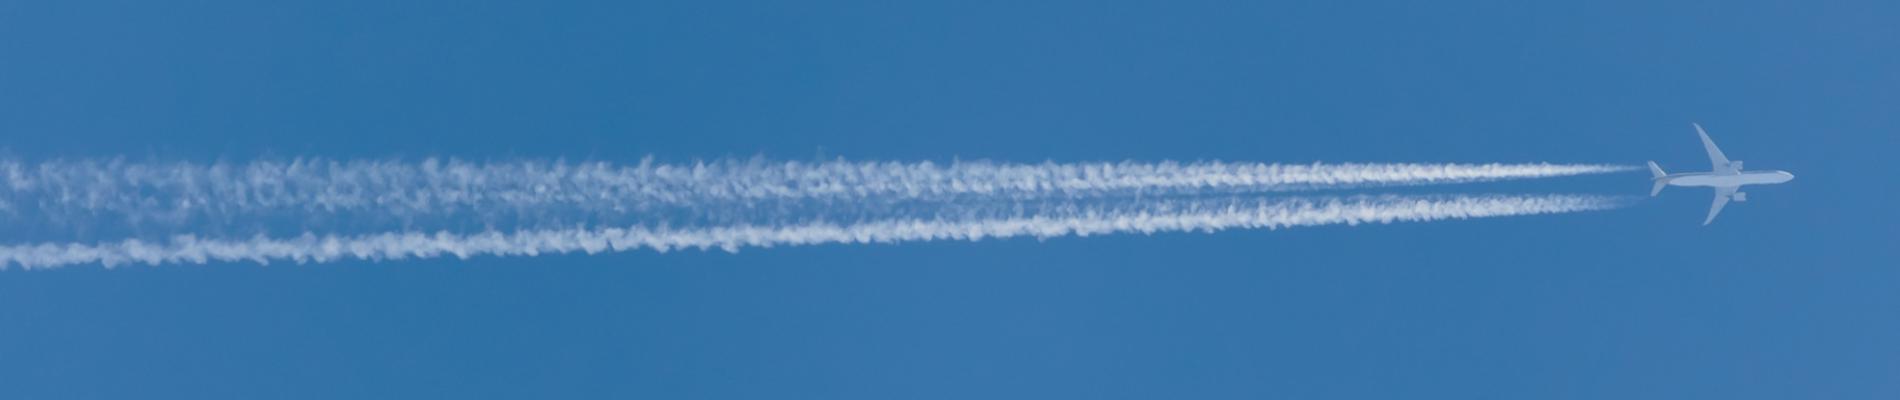 de europese luchtvaart industrie 14 juni 2017  nederland heeft een bloeiende luchtvaartindustrie  nederland heeft de  grootste universitaire lucht- en ruimtevaart faculteit van europa,.